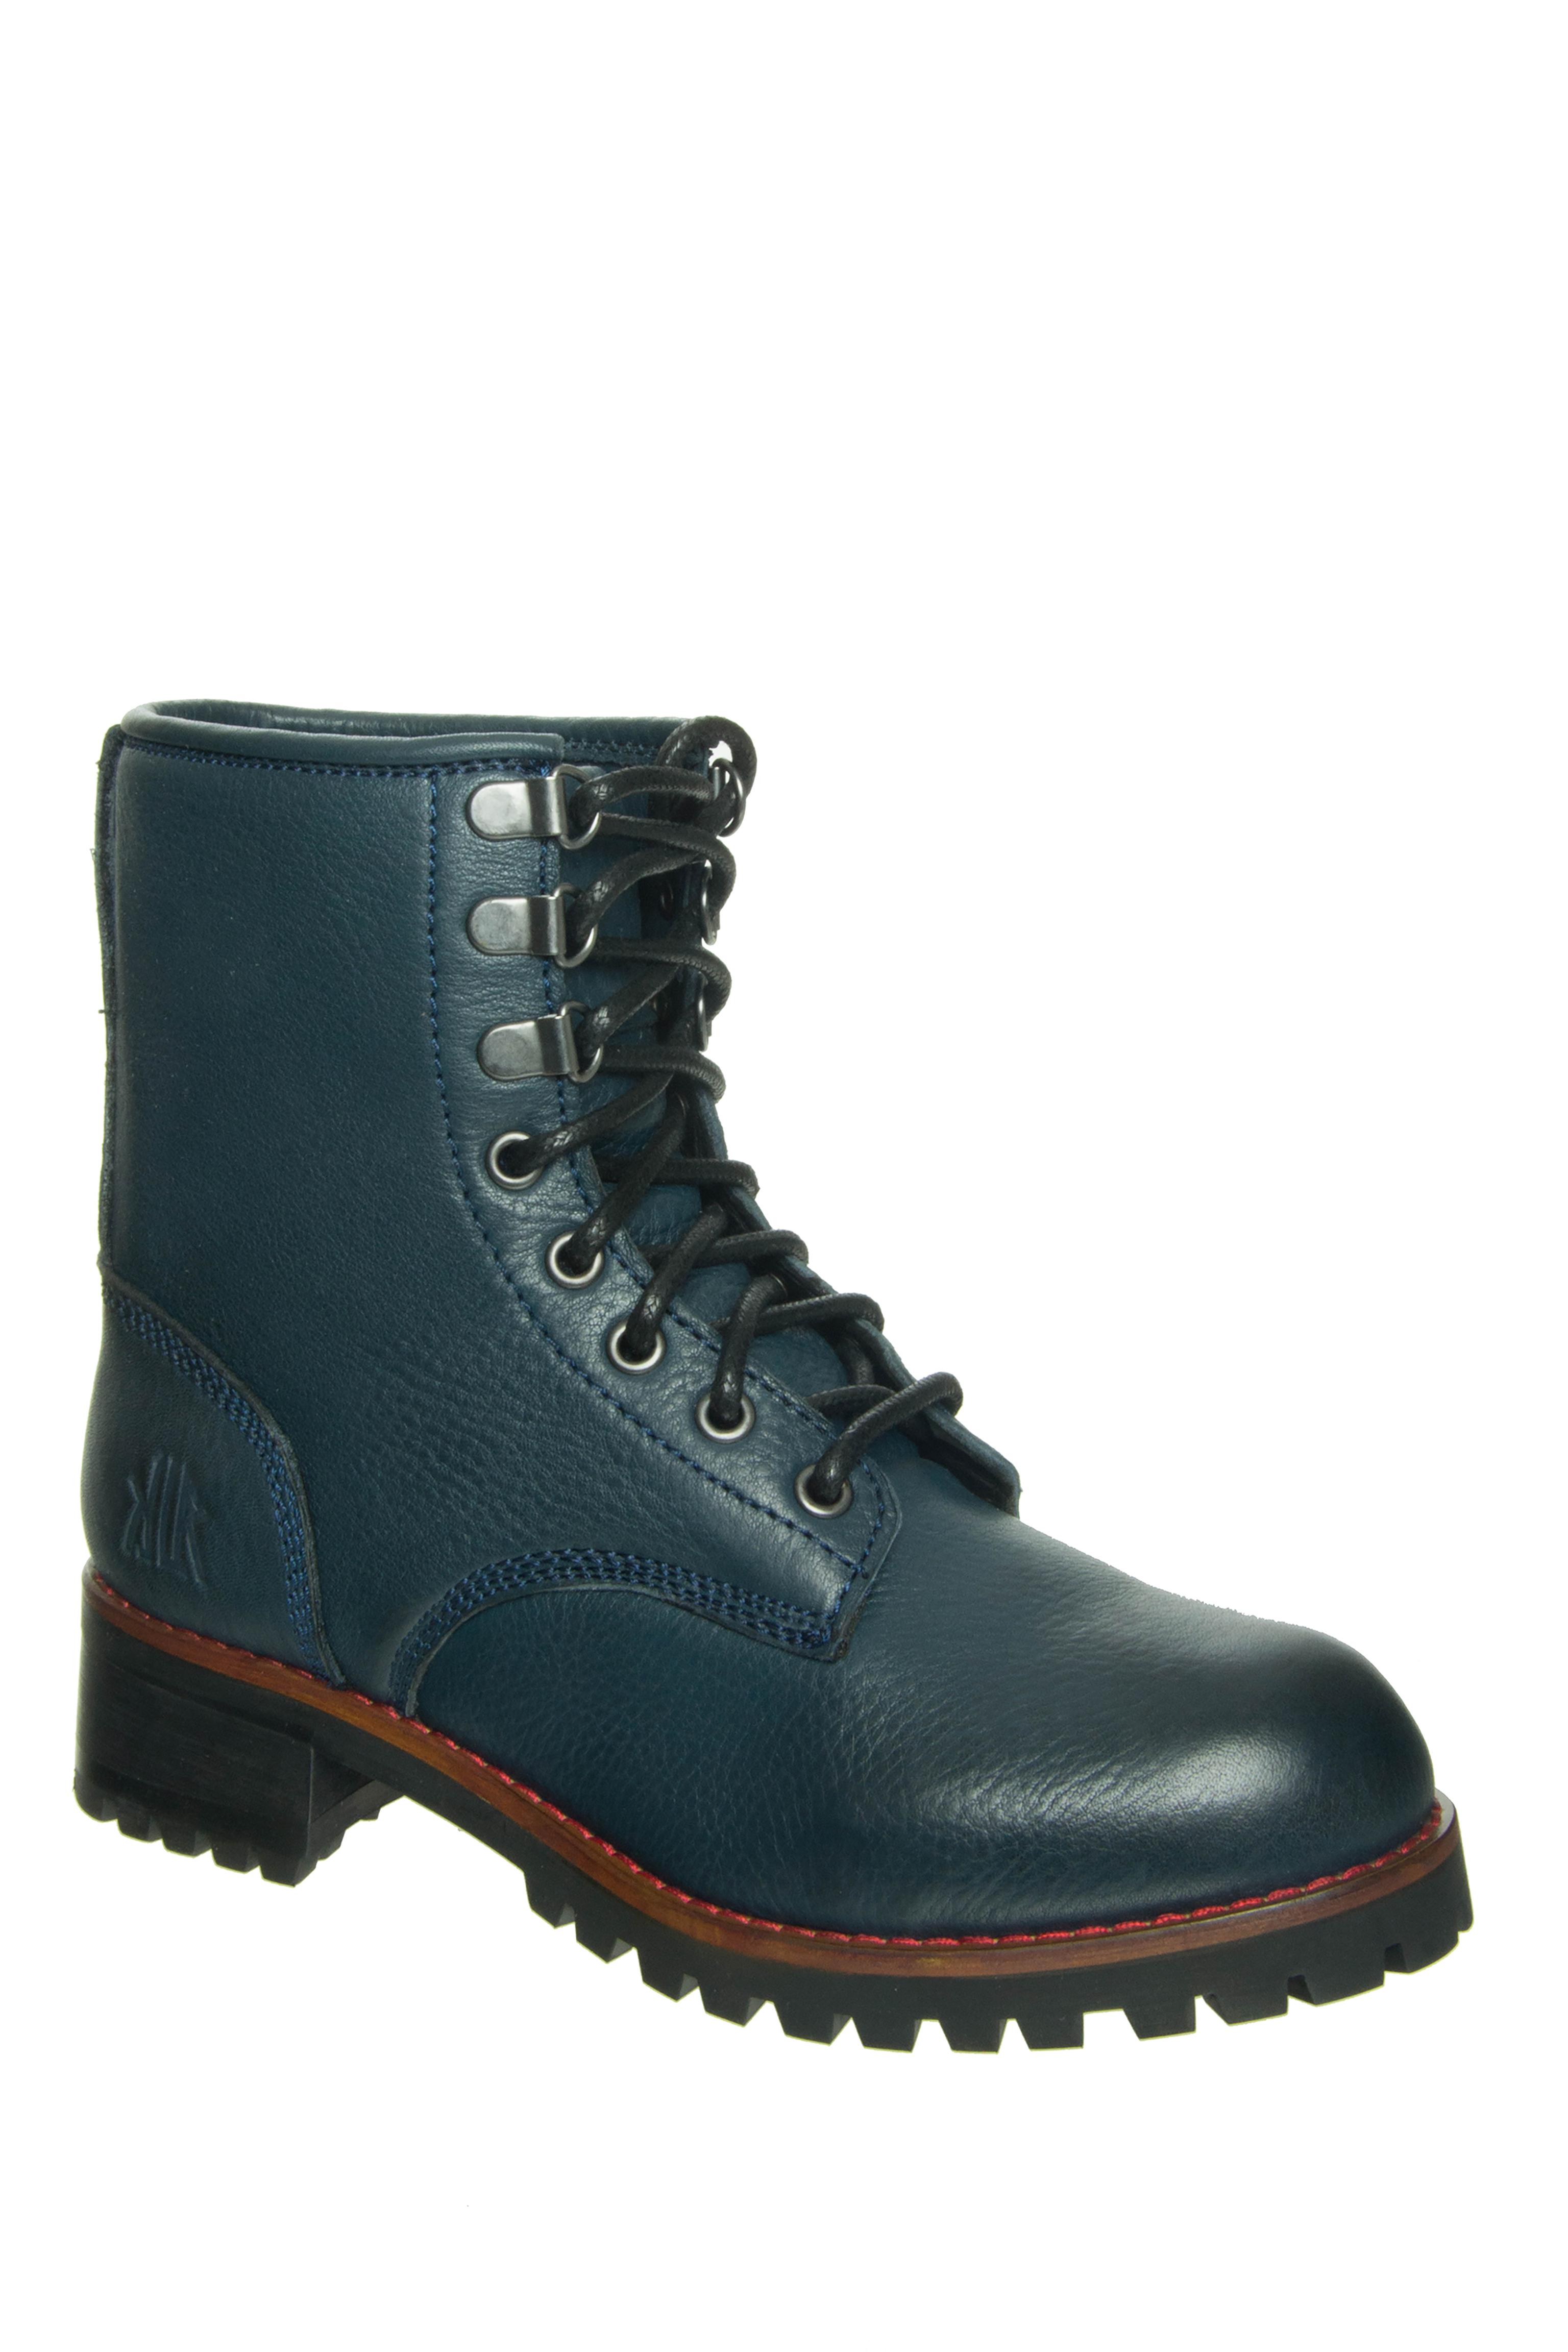 KLR Hails Low Heel Boots - Navy